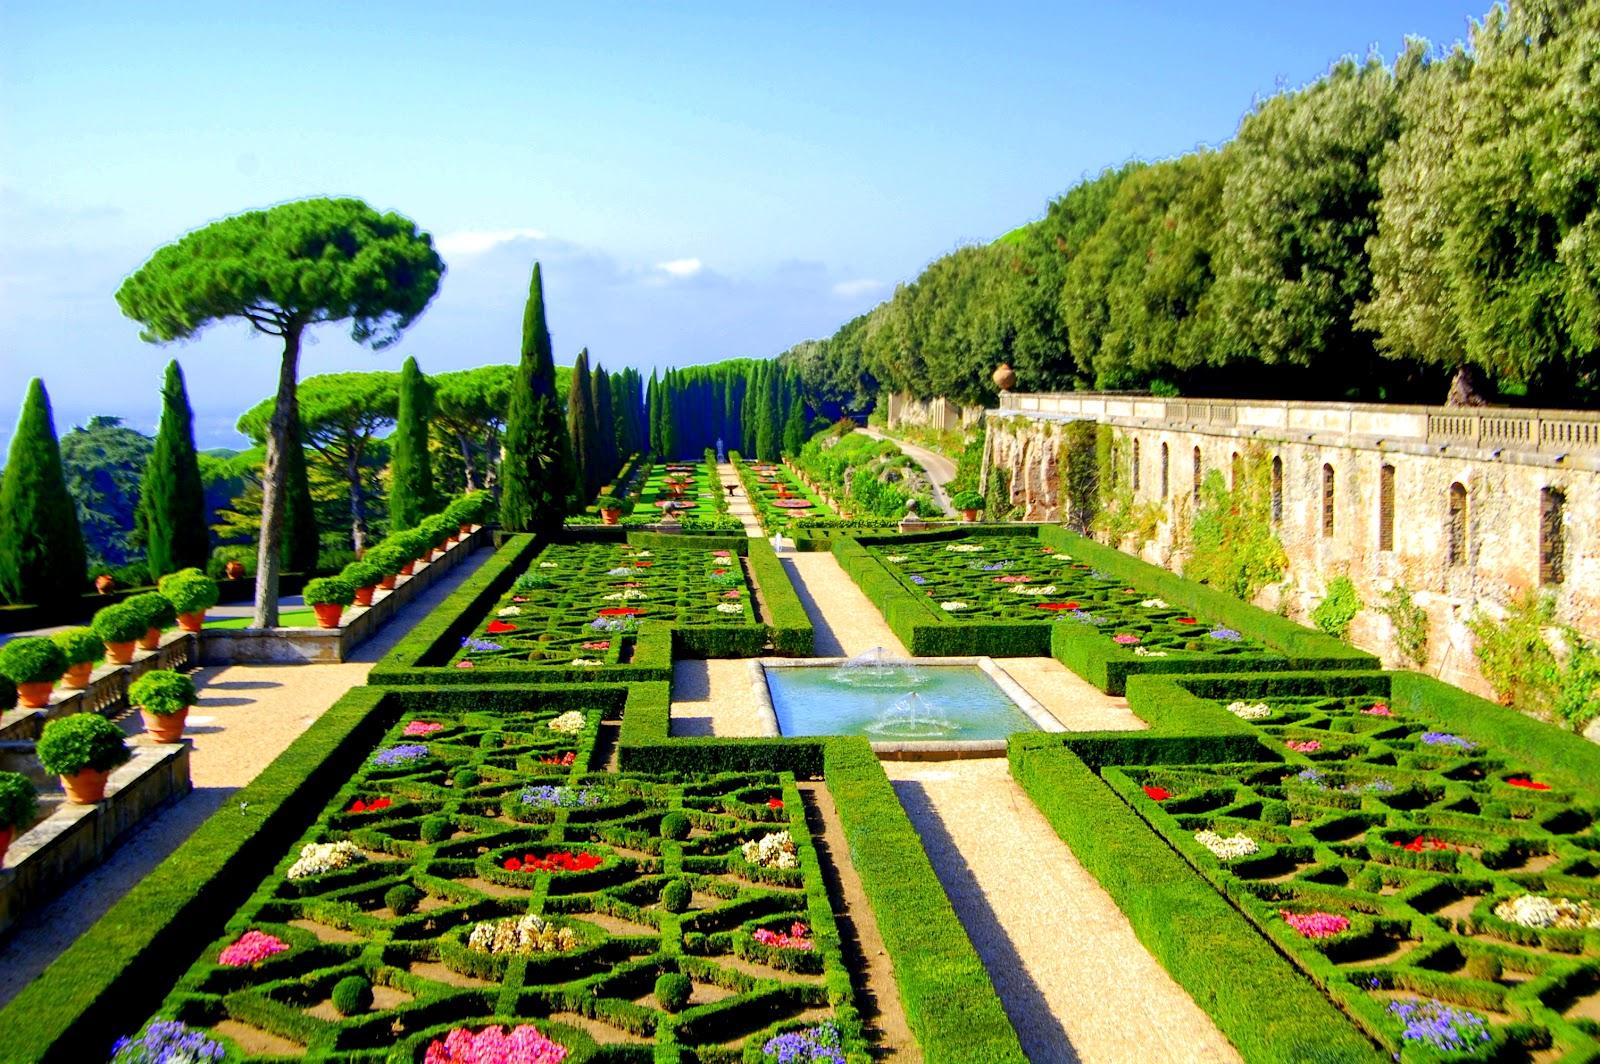 Visita ai giardini vaticani di castel gandolfo - Giardini foto immagini ...